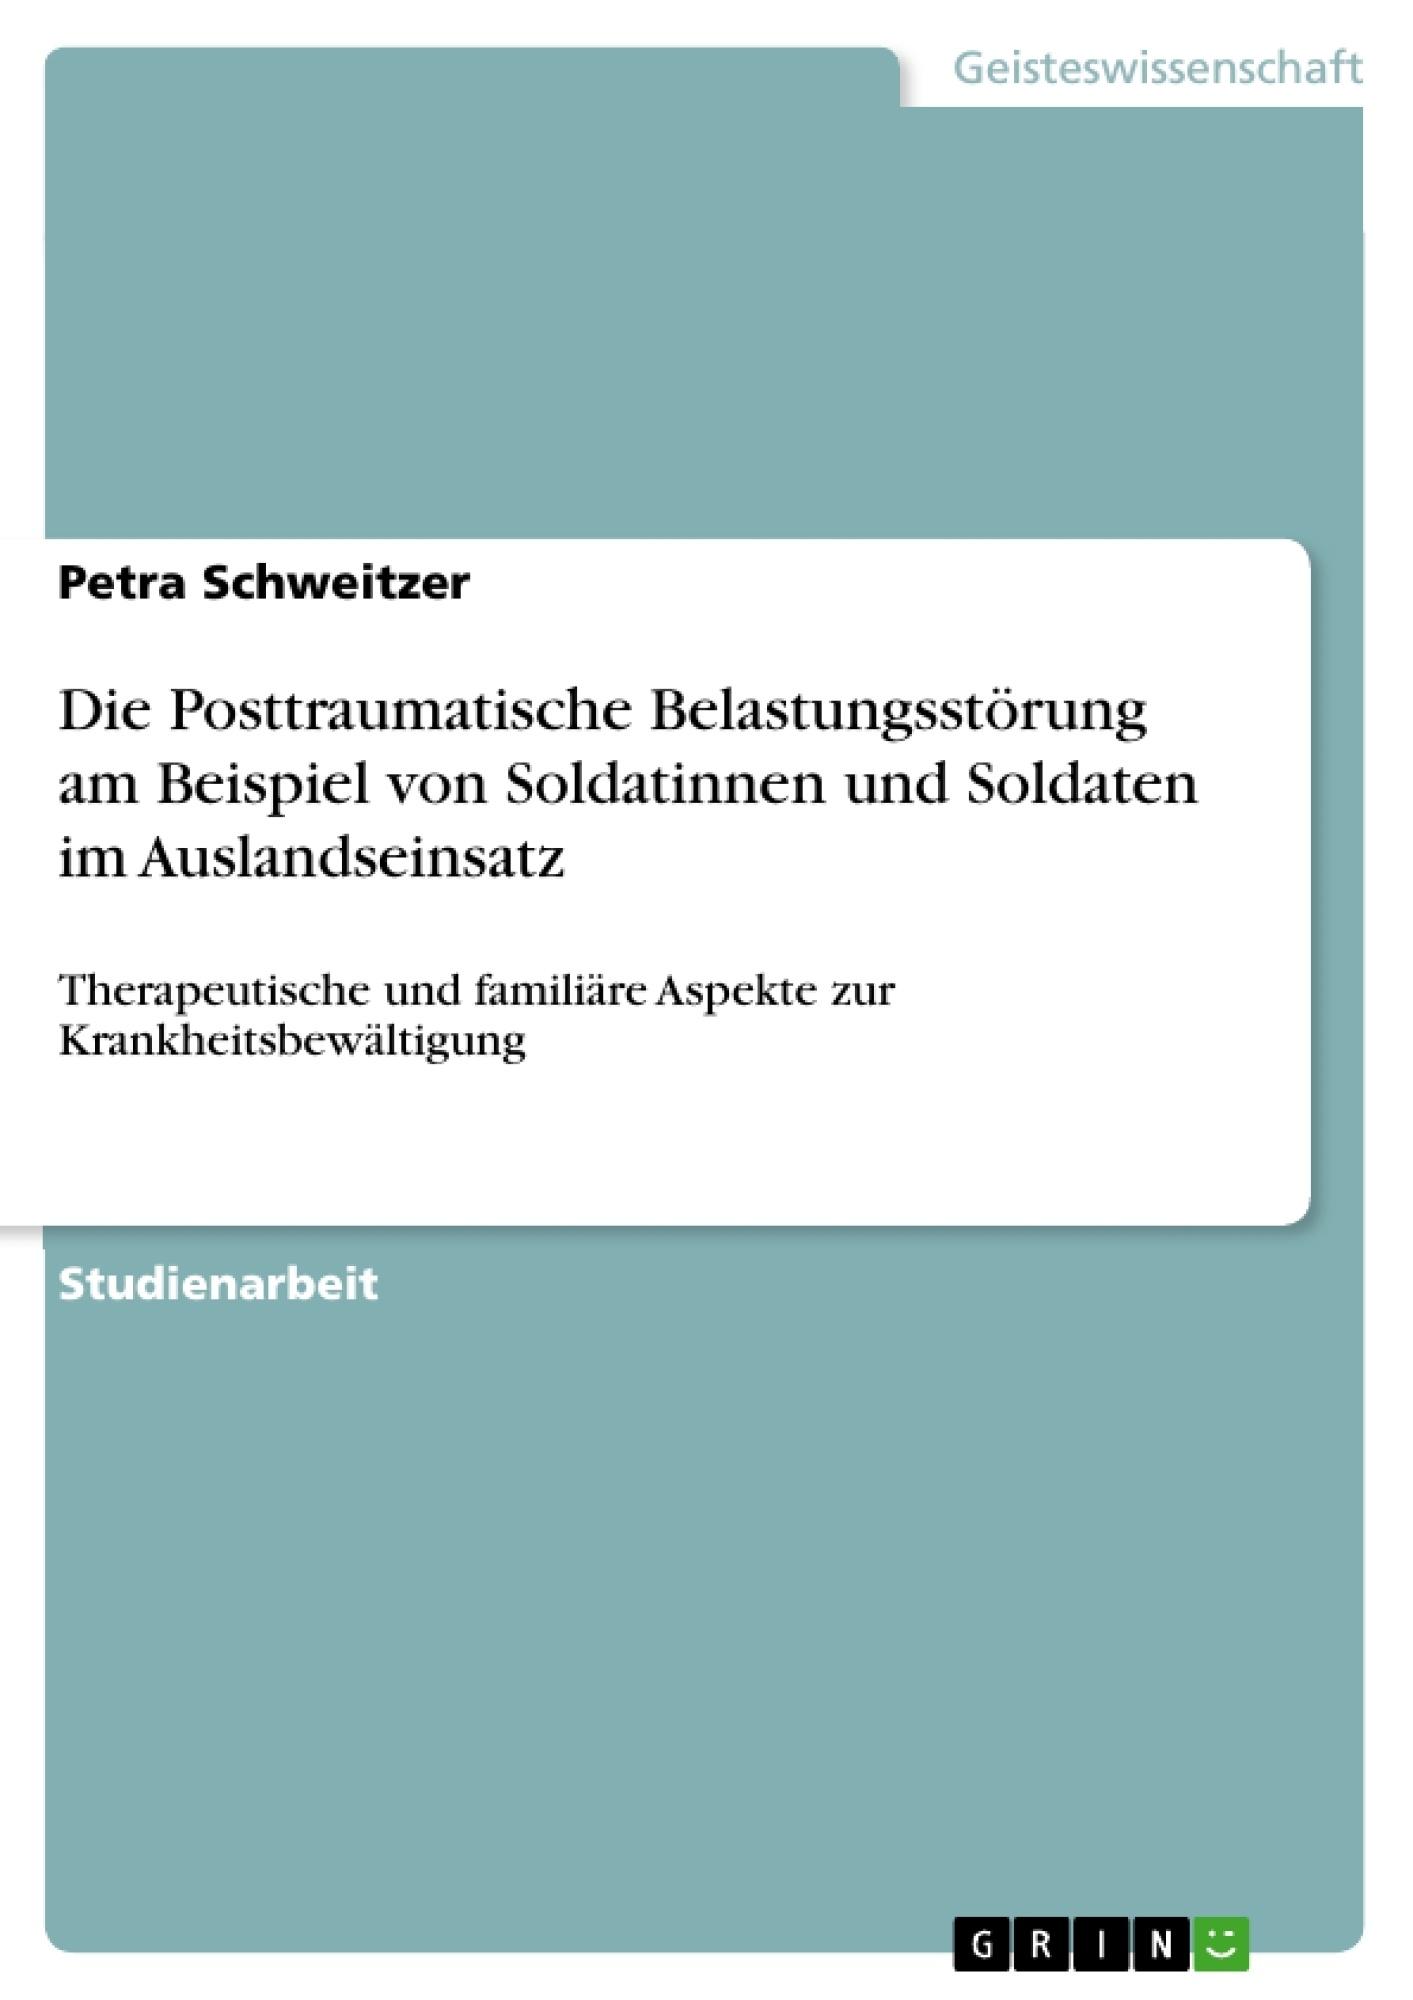 Titel: Die Posttraumatische Belastungsstörung am Beispiel von Soldatinnen und Soldaten im Auslandseinsatz